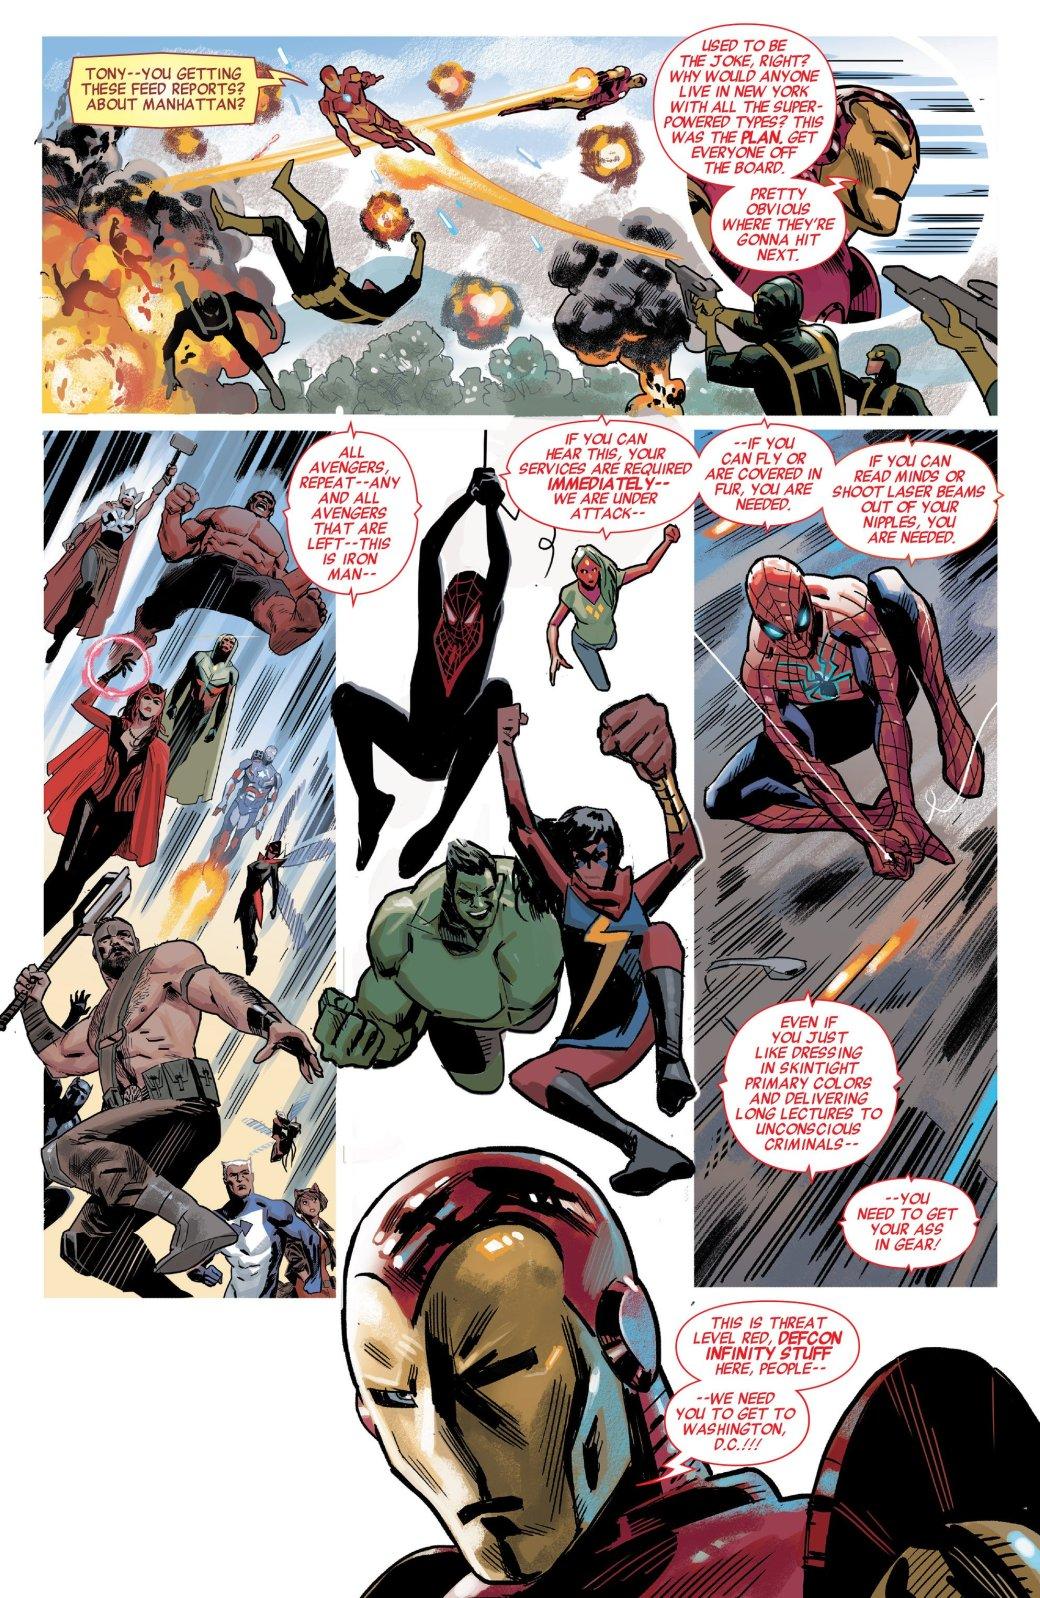 Почему изКапитана Америка получился отличный суперзлодей? - Изображение 19